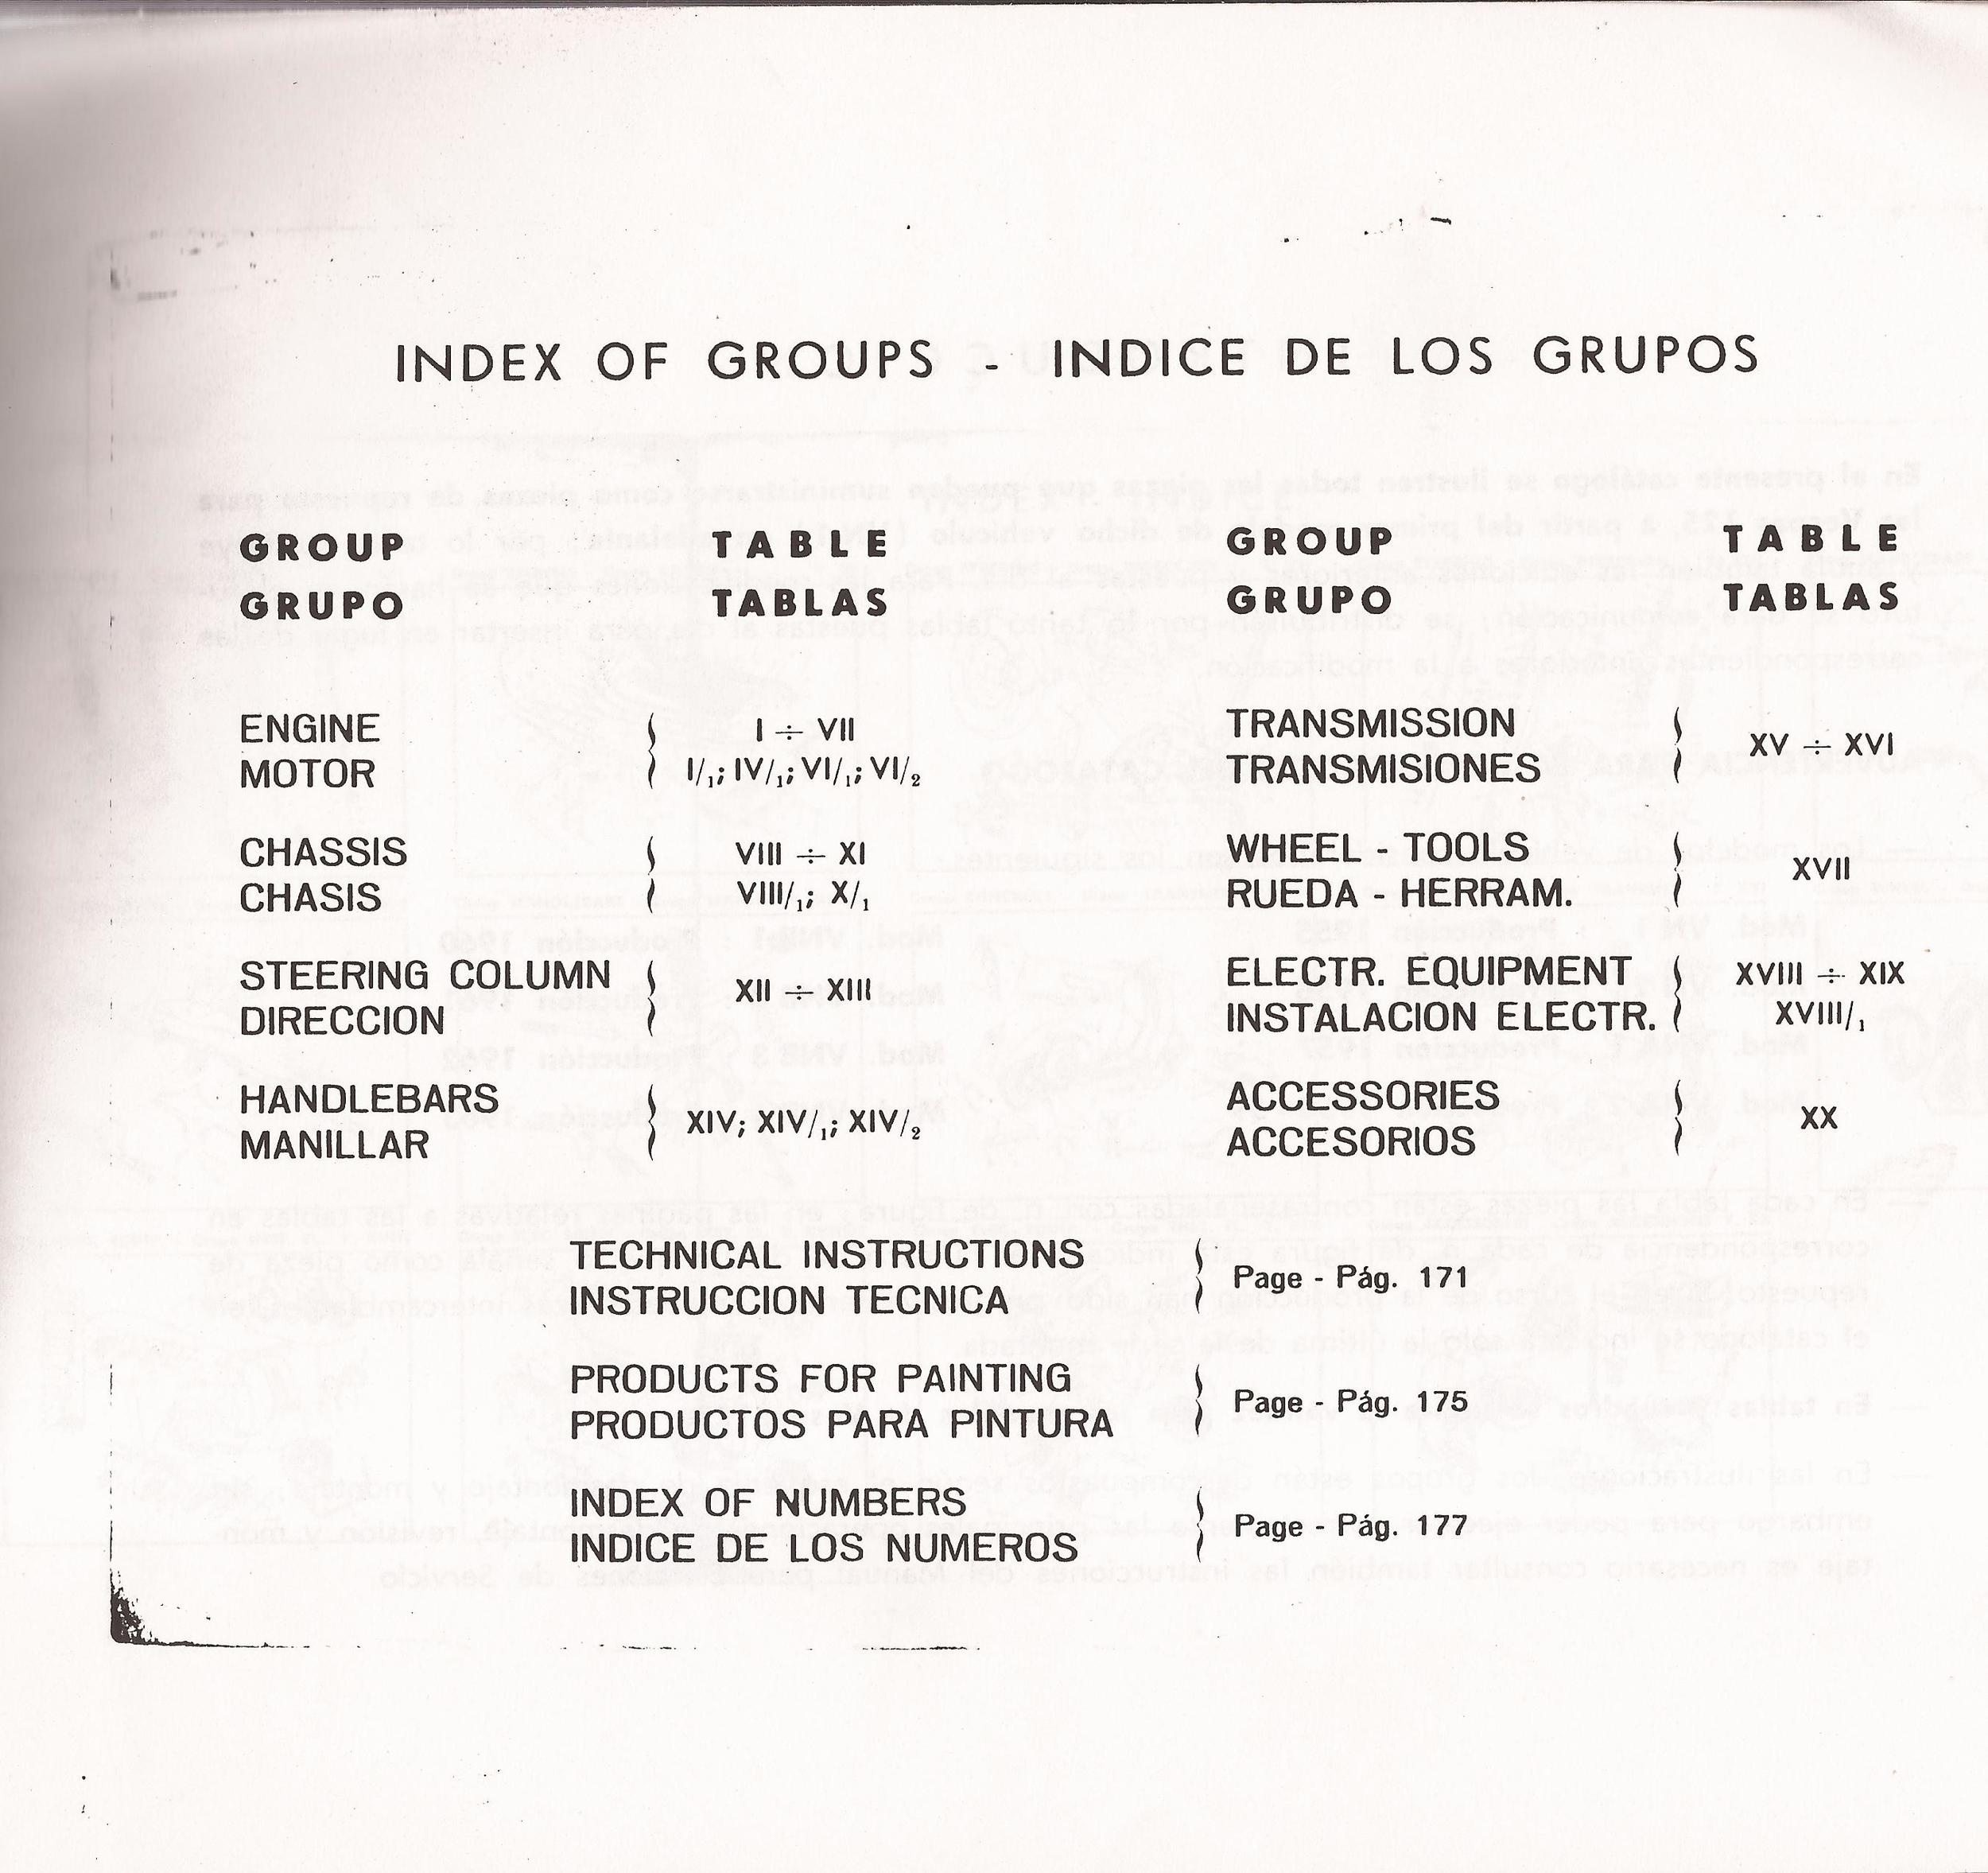 07-16-2013 vespa 125 catalog manuel 3.jpg